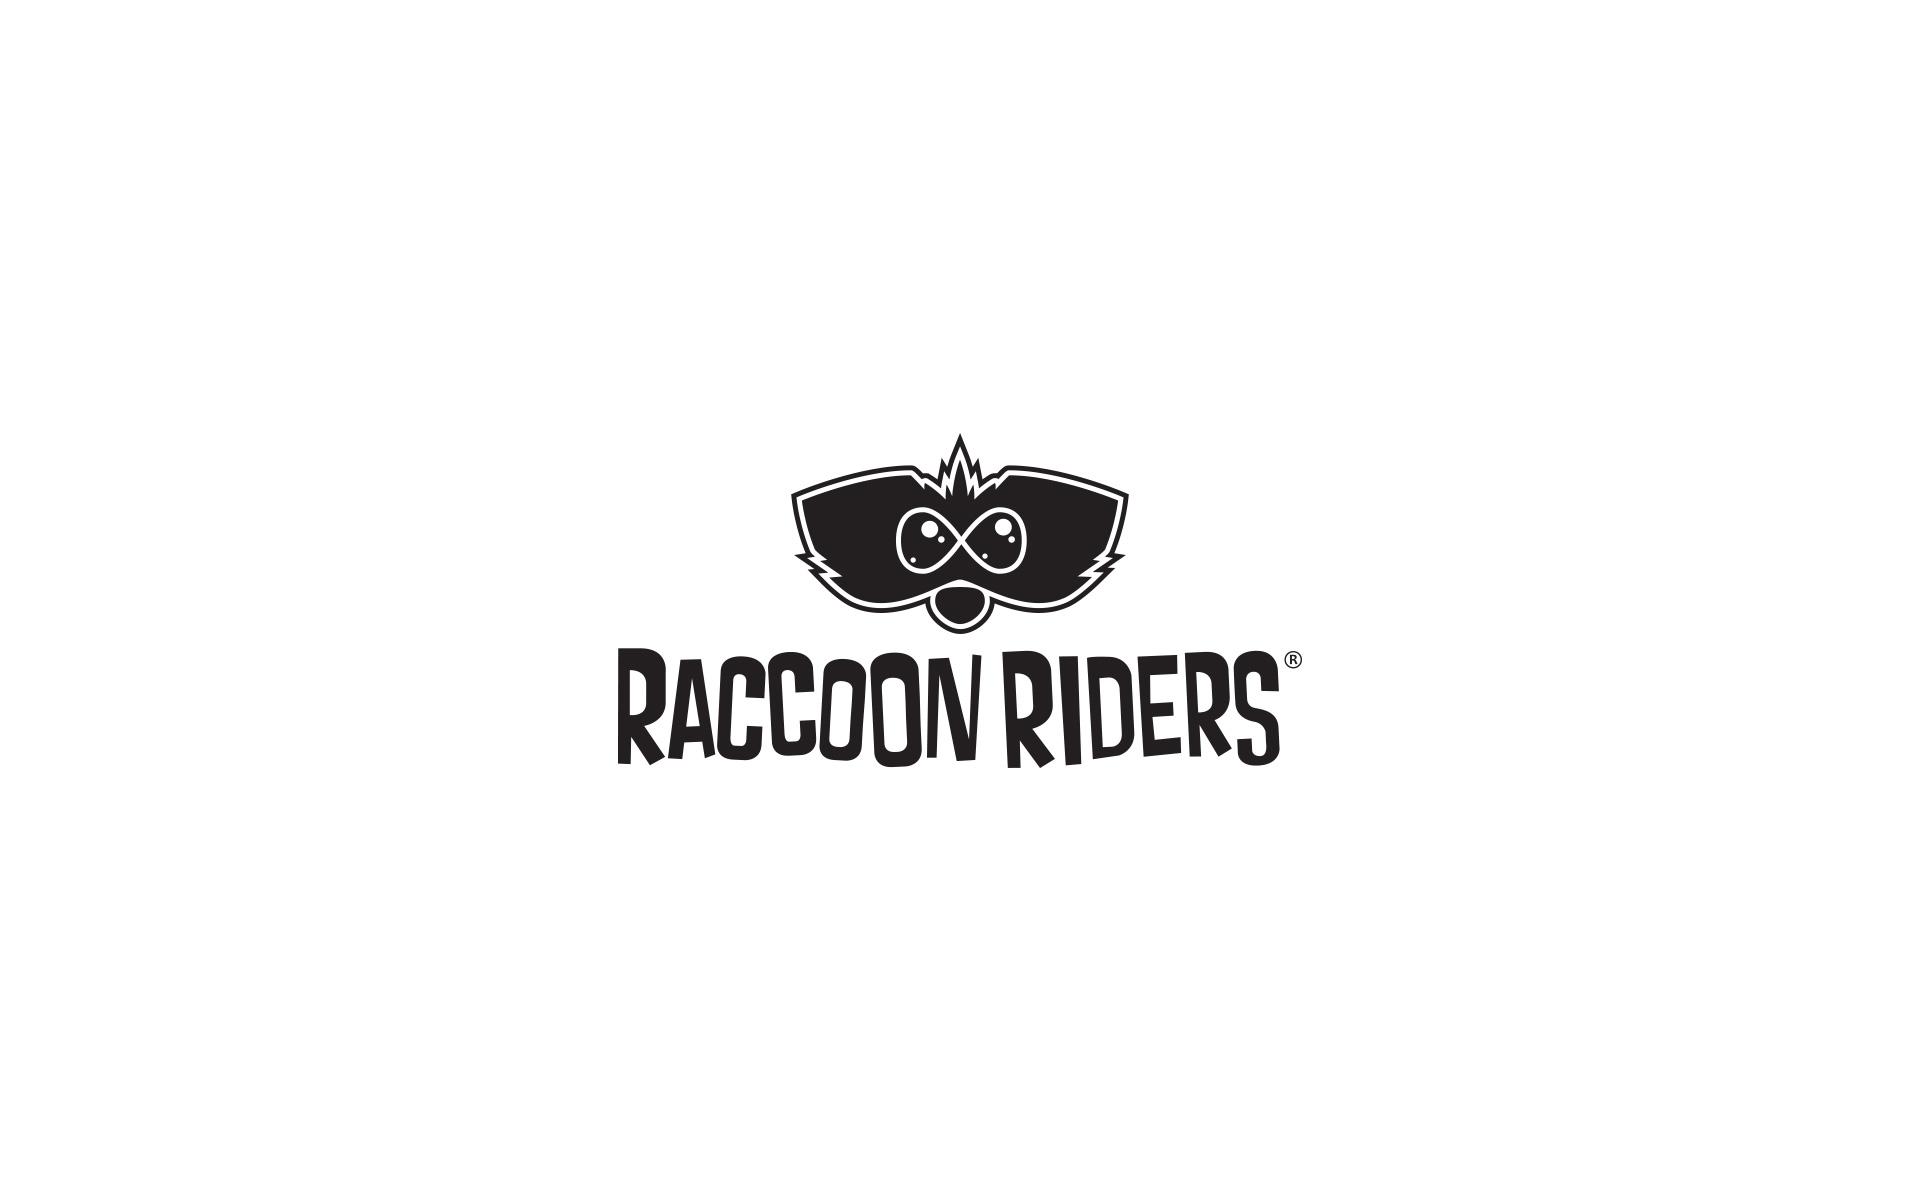 raccoonriders_premium_01